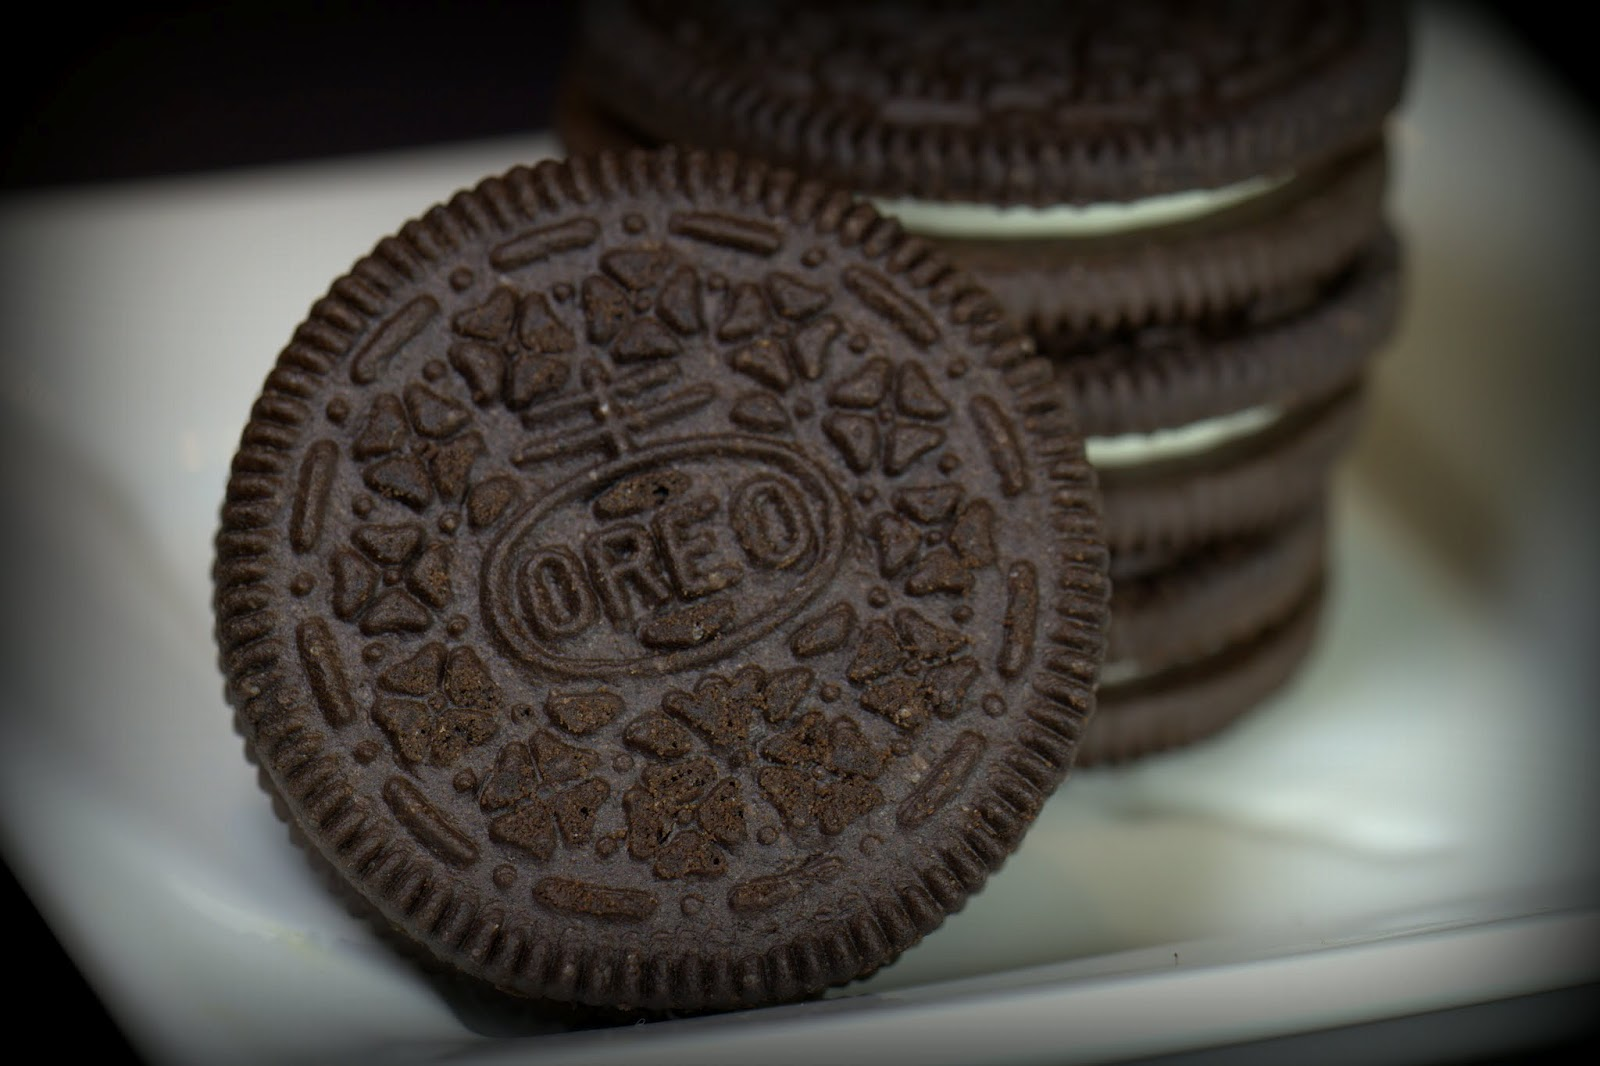 образом, картинки орео печенье прикольные каждому